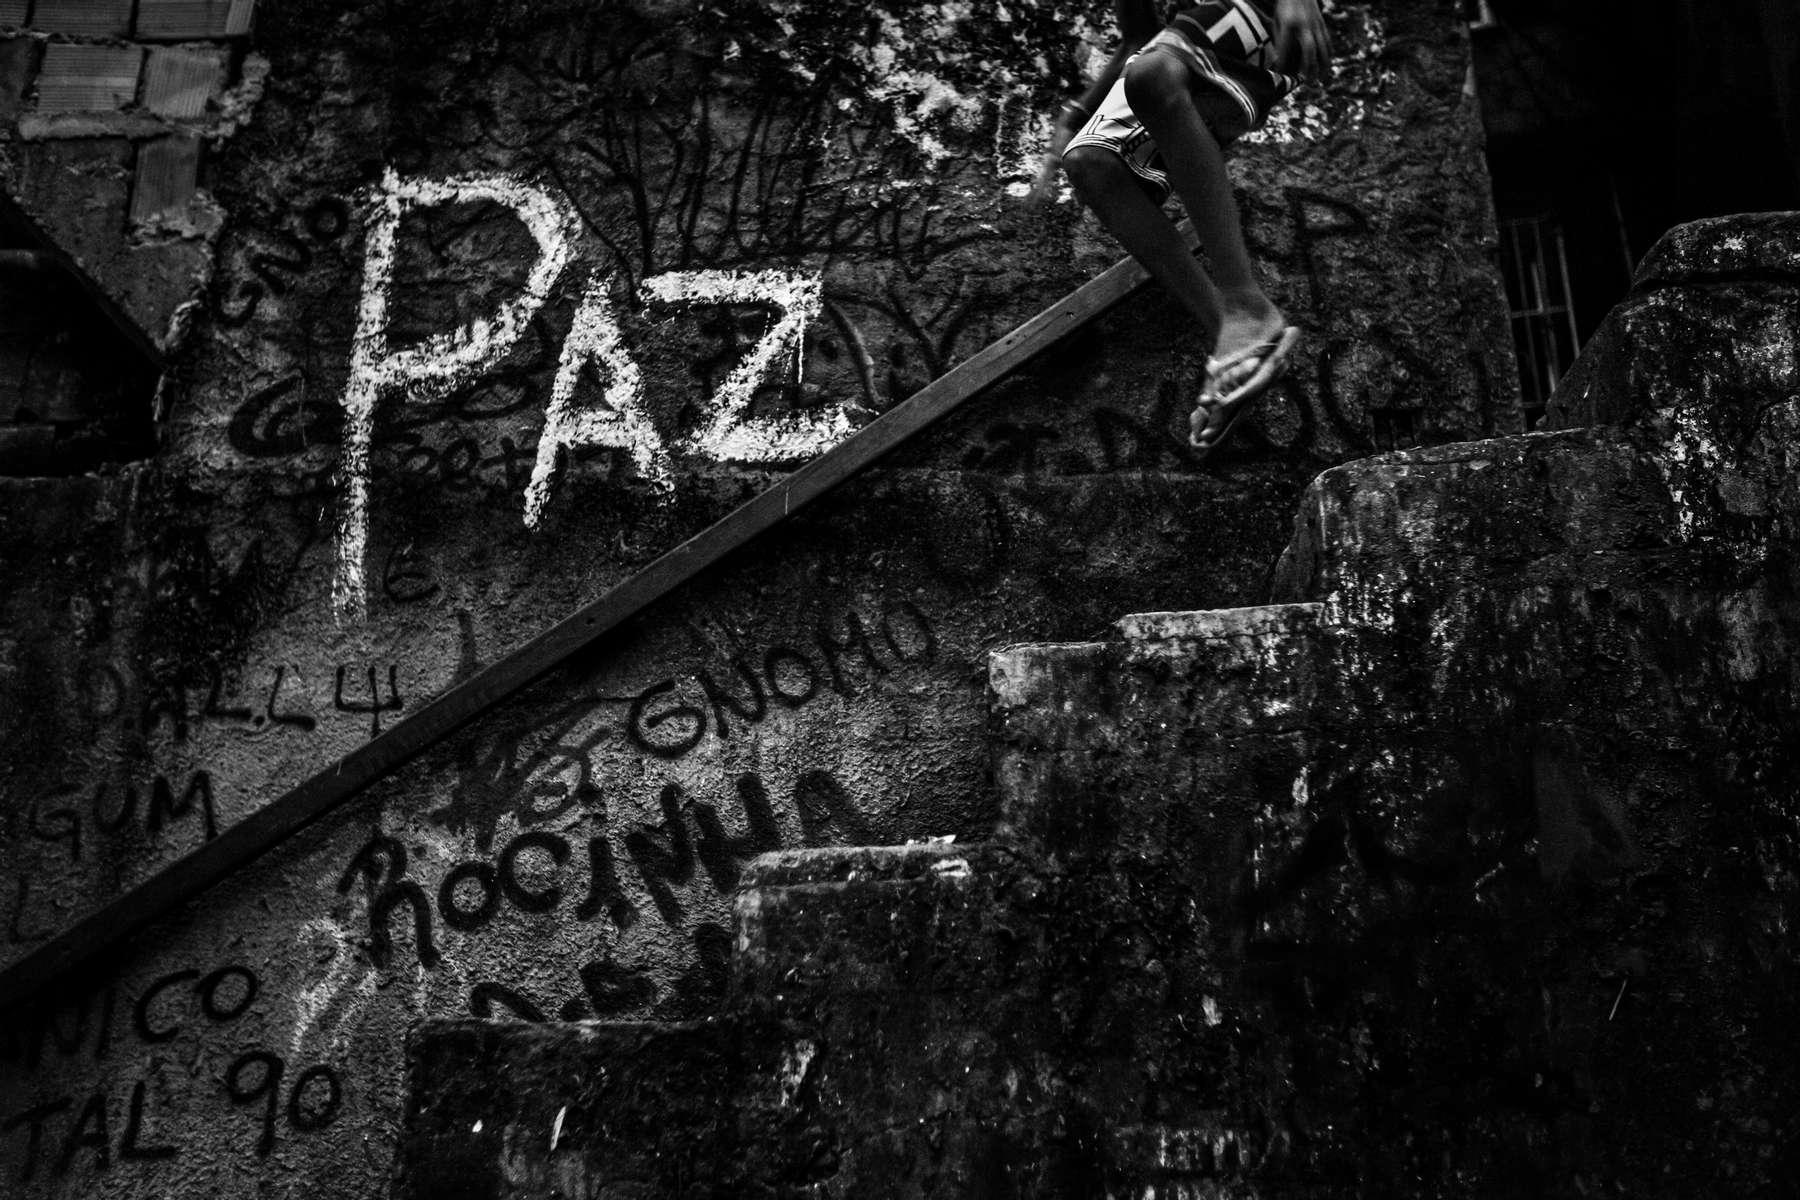 Un joven salta por una escalera con la palabra {quote}paz{quote} escrita en la pared, en la comunidad de Rocinha, la favela más grande de Río de Janeiro, Brasil, el 22 de febrero de 2012.